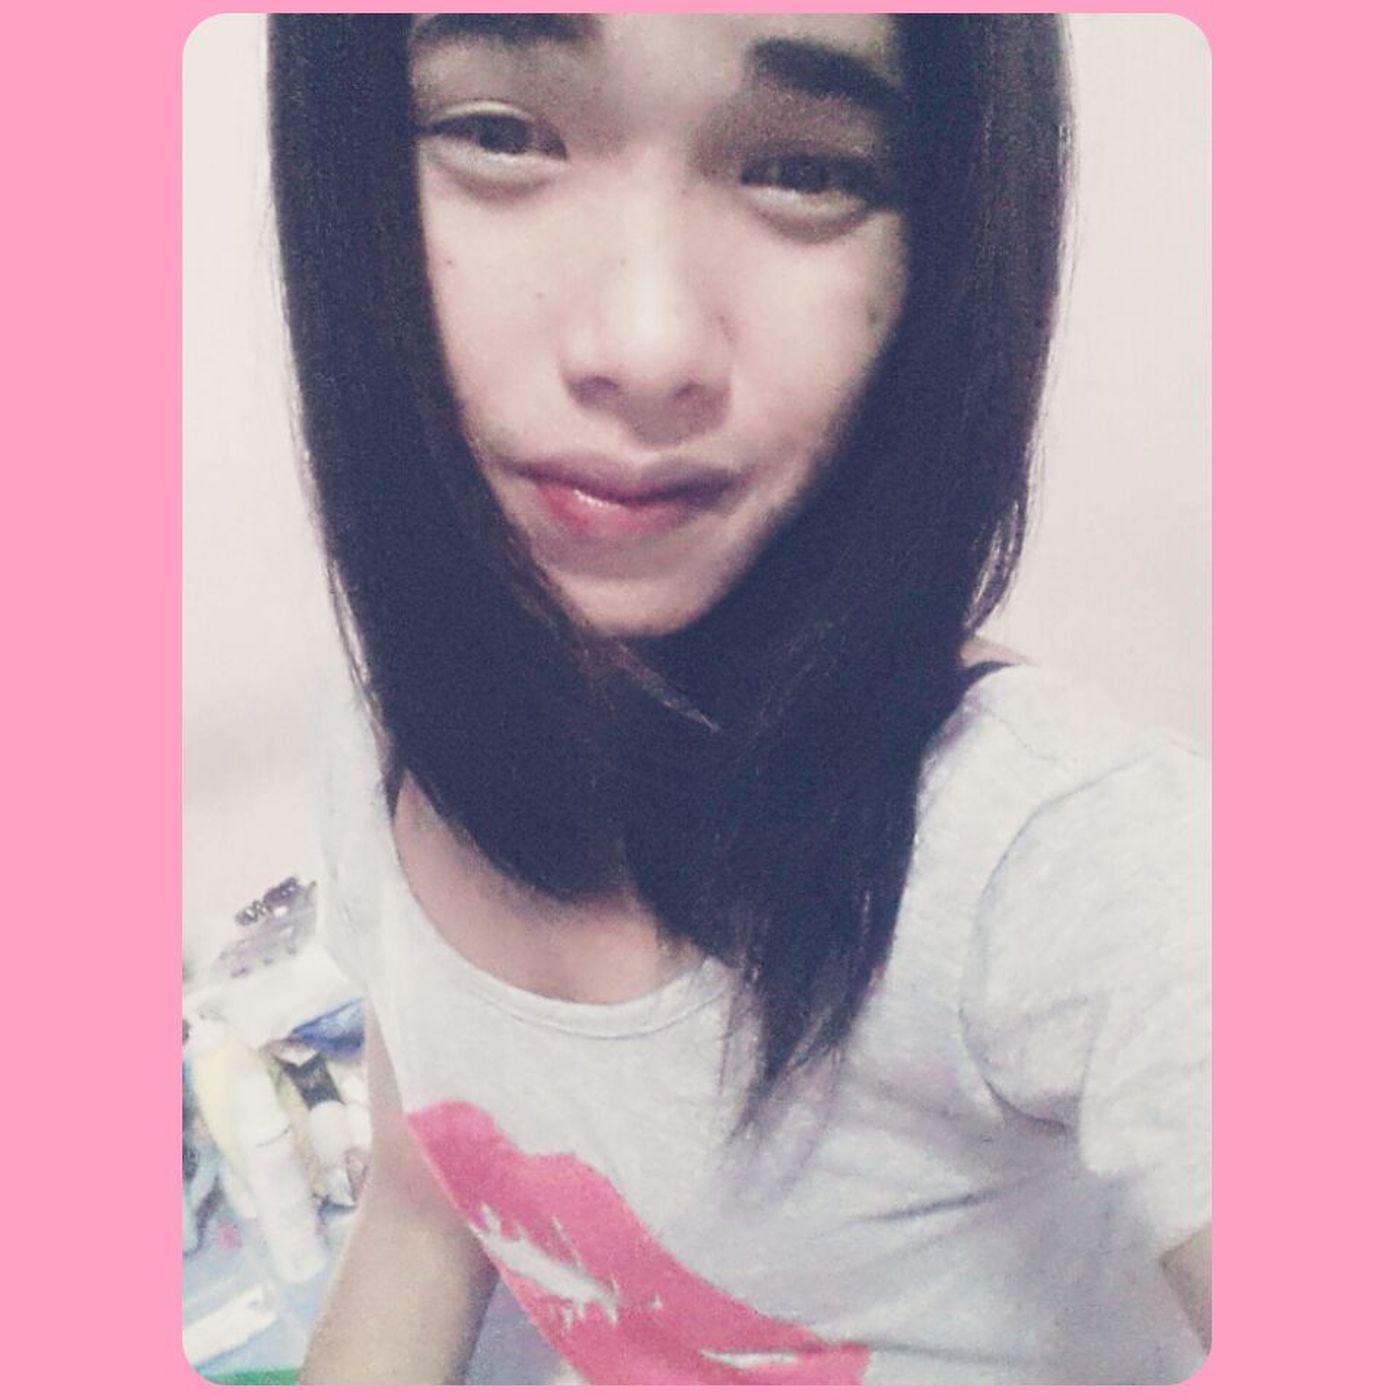 love tl. haha ^_^